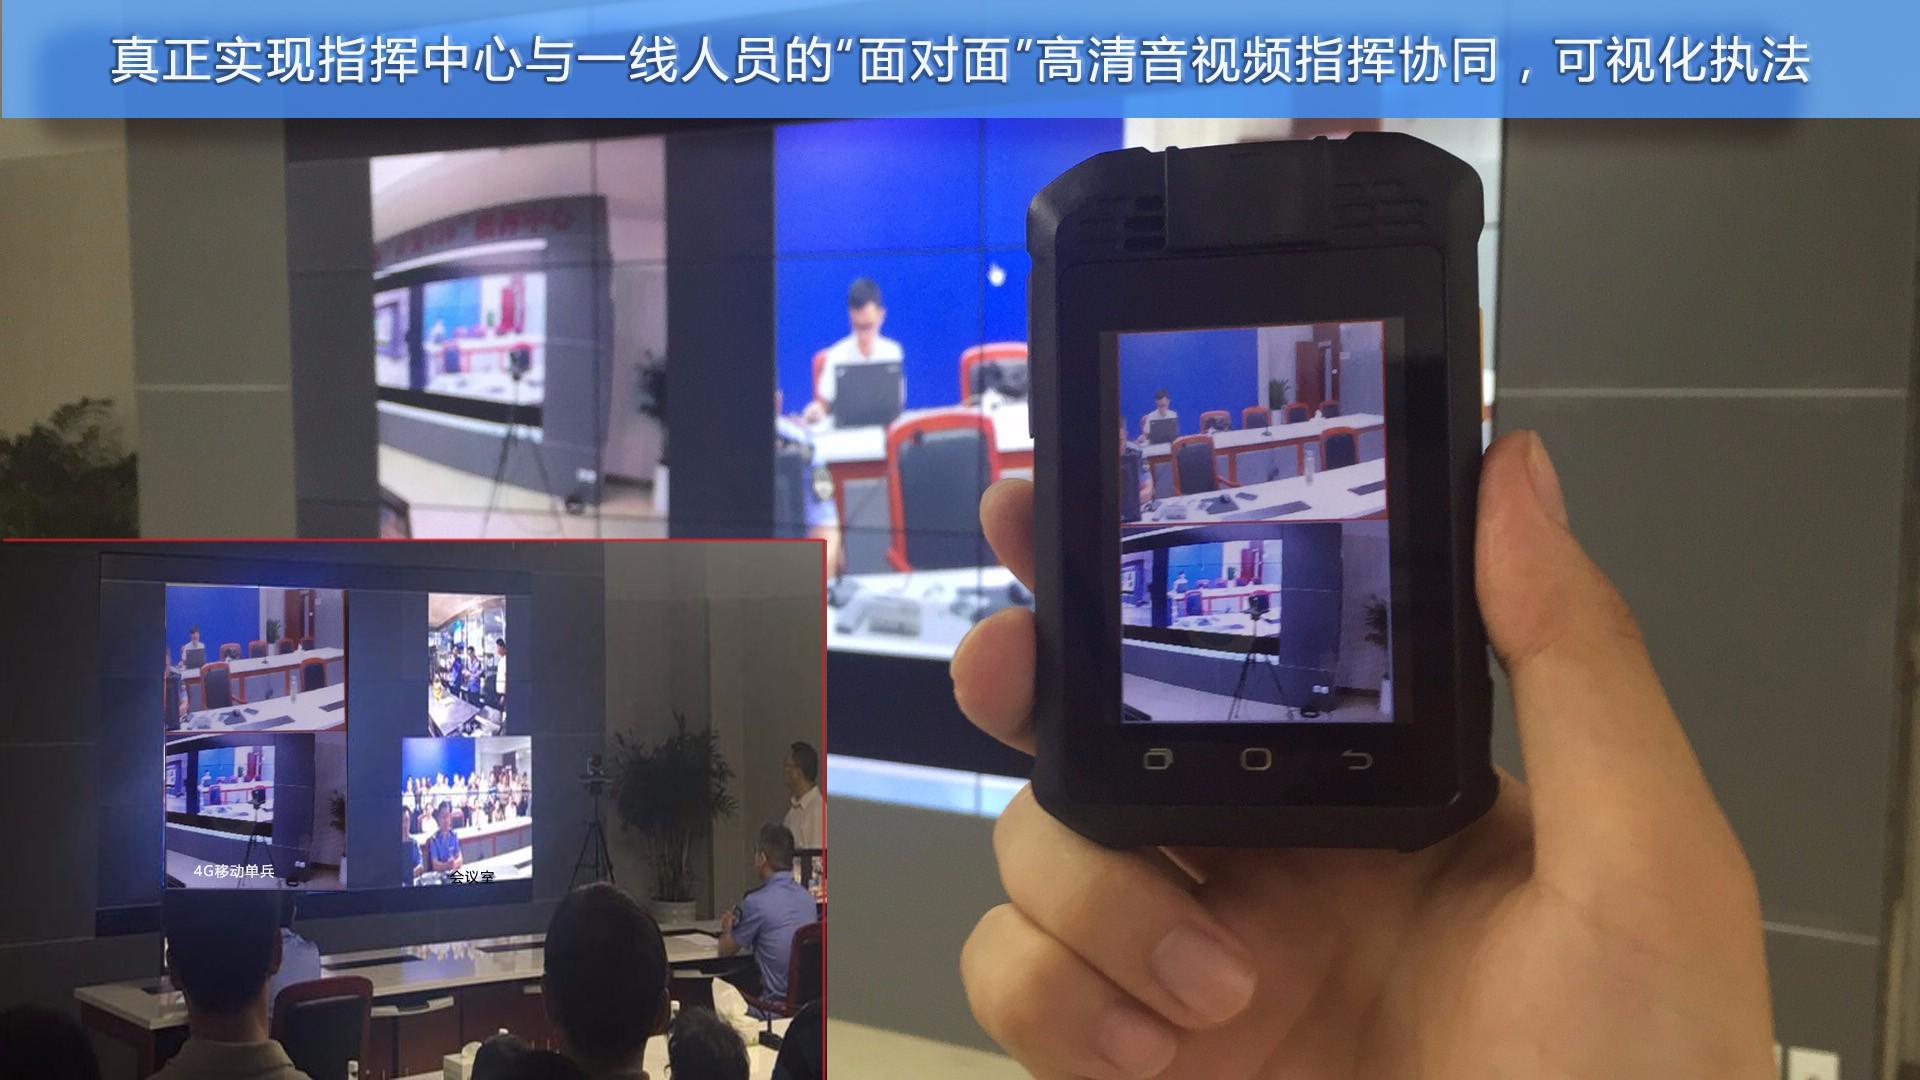 4G可视化.视频会议.jpg